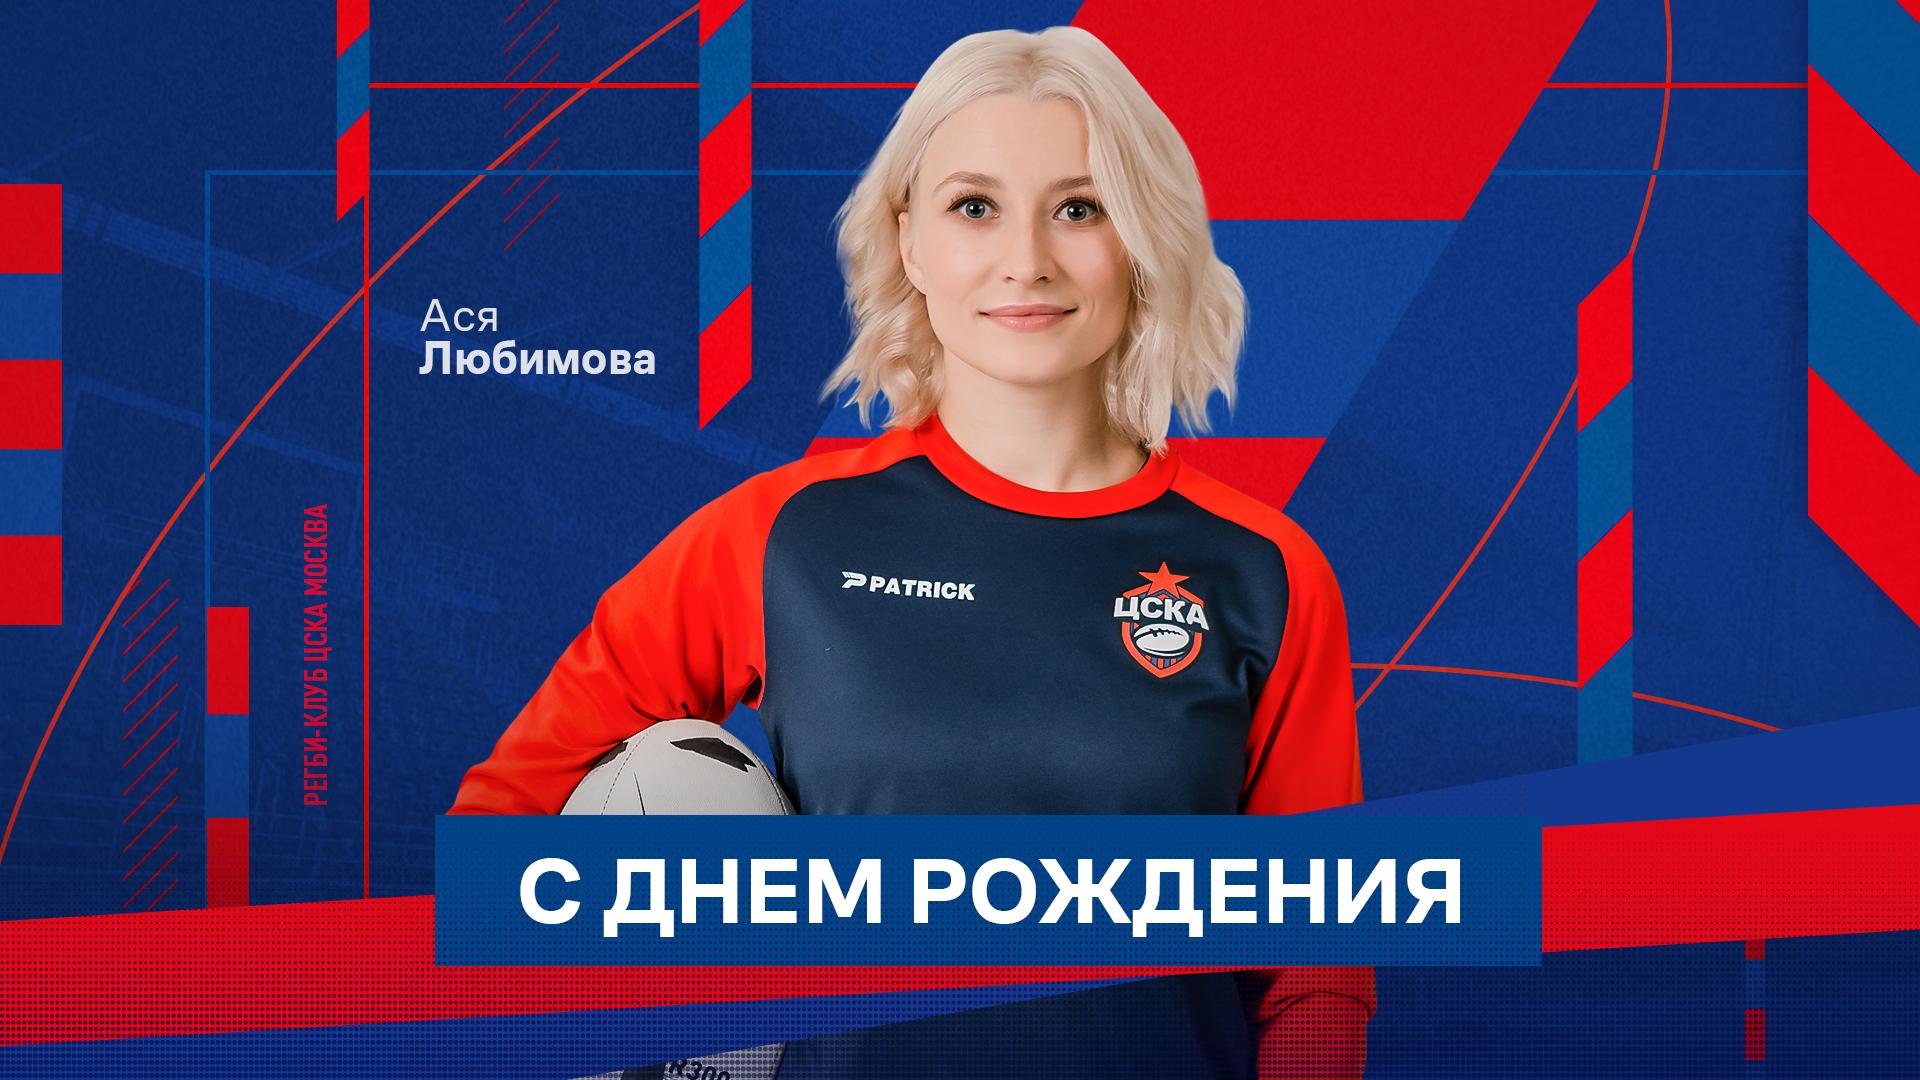 Клуб анастасия москва клуб город москва официальный сайт